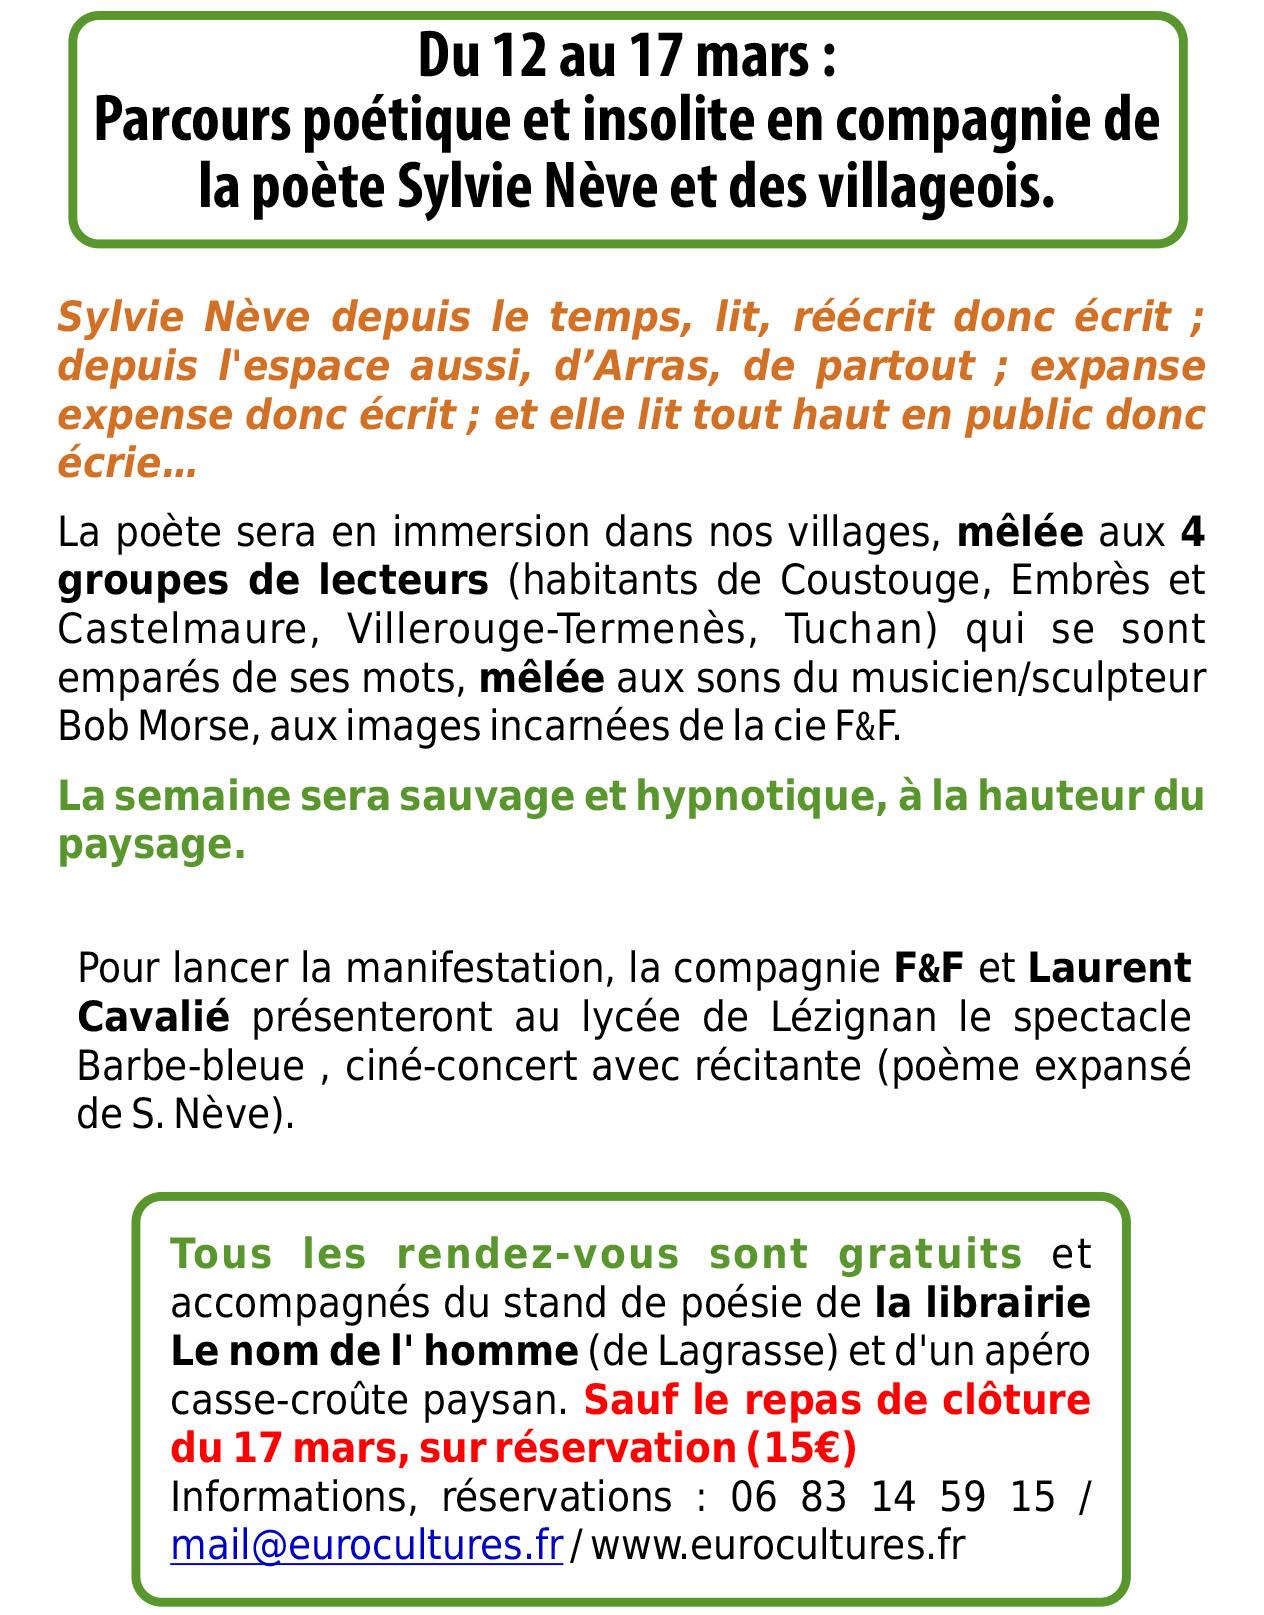 2018 Sylvie Nève Poésie Expansée Eurocultures En Corbières